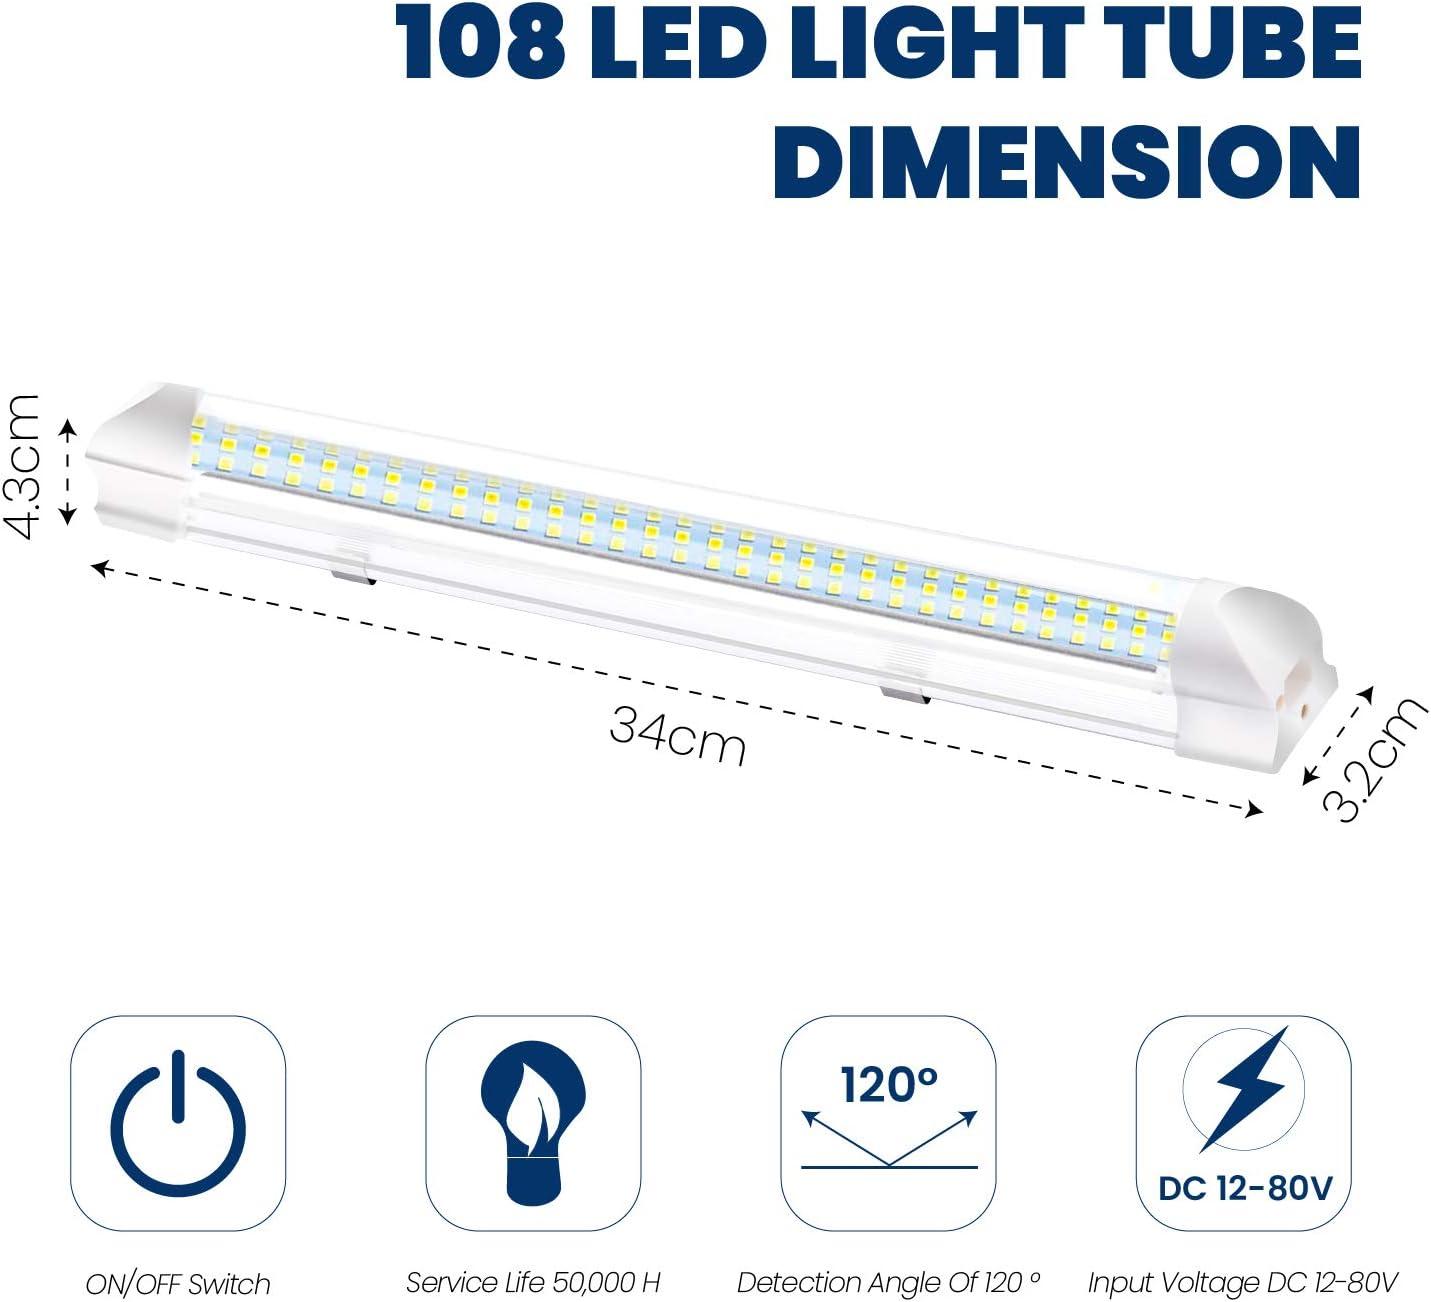 Interior Universal L/ámpara 900LM L/ámpara De Techo 34cm Blanco Fr/ío Downlight Con Encendido//apagado Auto Exterior Luz De Emergencia 108 LED Luz De Iluminaci/ón 9W Barra De Luz 2 Pack